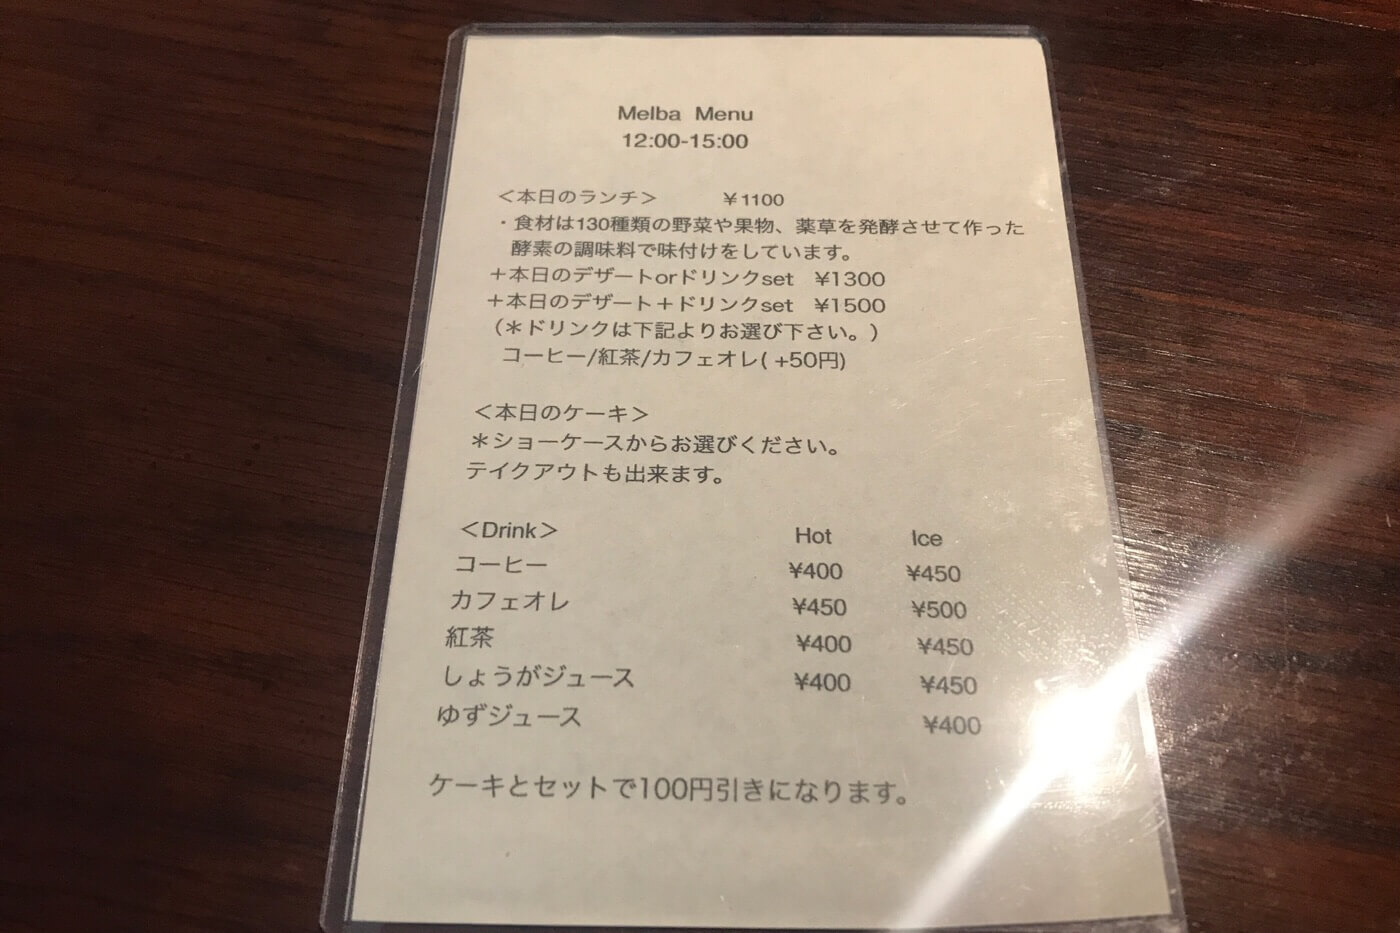 cafe Melba(メルバ)のメニュー